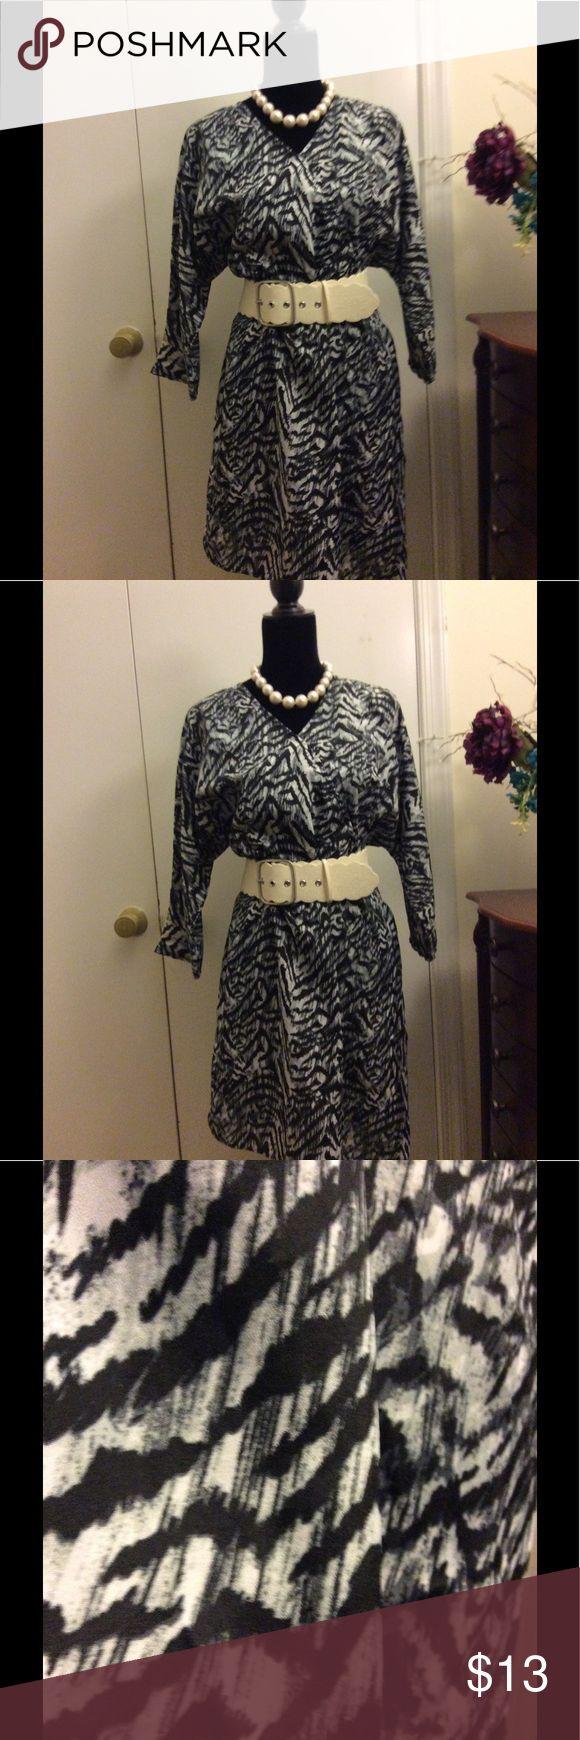 Kardashian Kollection Zebra Print Dress Kardashian Kollection Zebra Print Dress, Size Large, 100% Polyester, Machine Washable Kardashian Kollection Dresses Midi